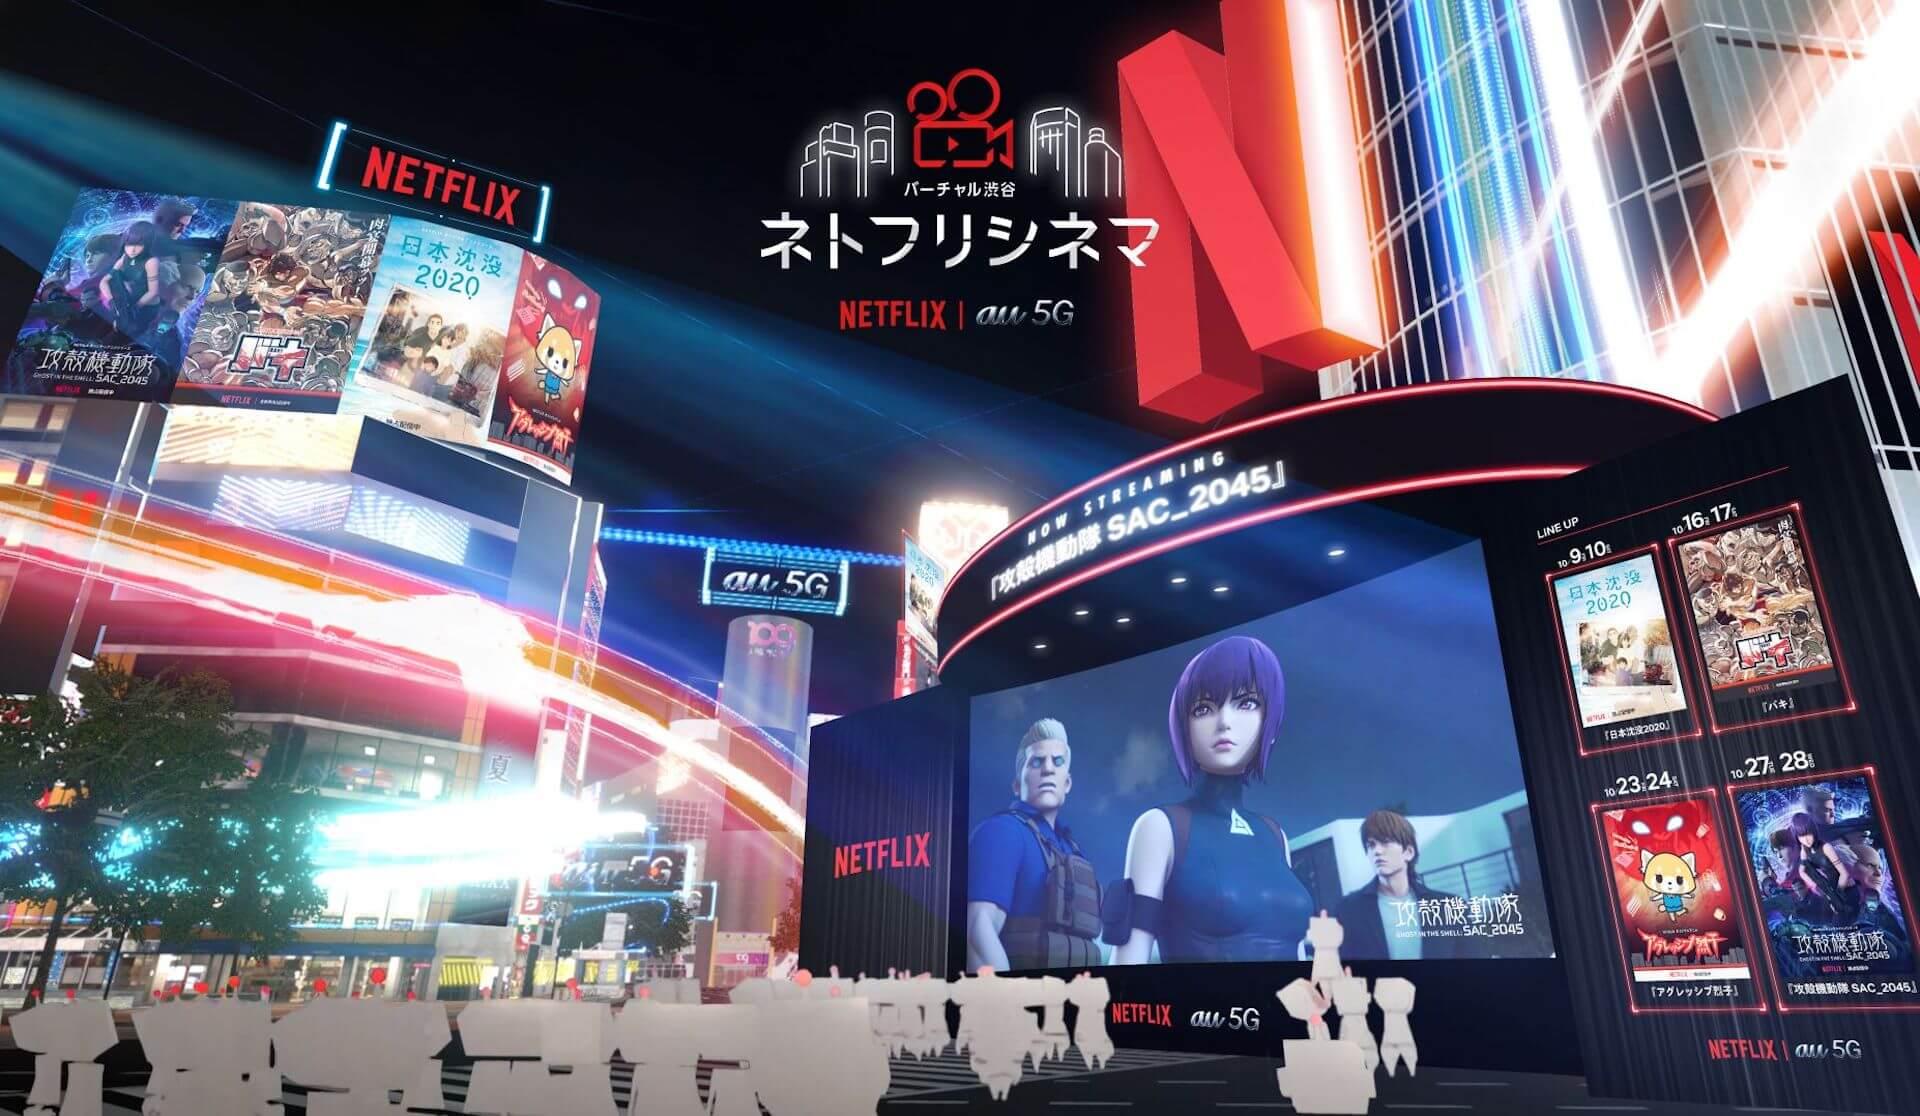 <バーチャル渋谷 au 5G ハロウィーンフェス>がついに本日開幕!最終日はEllen Allien、SURGEONら参加のDOMMUNEコラボイベントも実施 music201026_shibuya_halloween_19